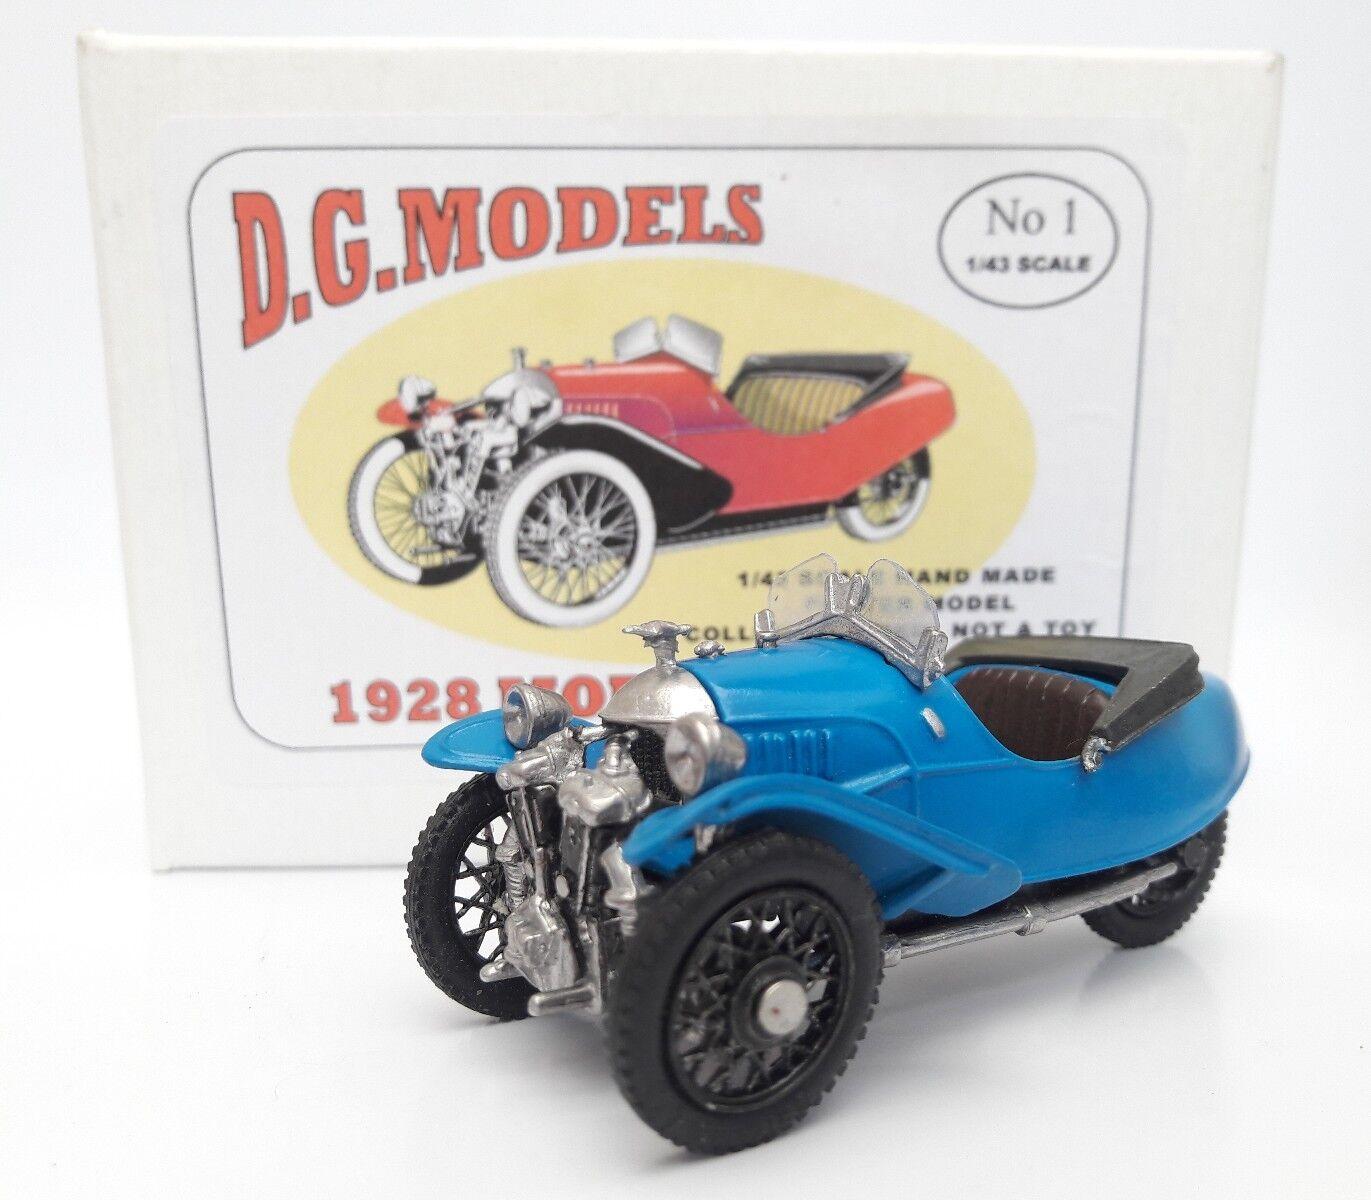 Échelle 1928 1 43 bleu MORGAN AERO voiture étain métal modèle entièrement fabriqué en Angleterre